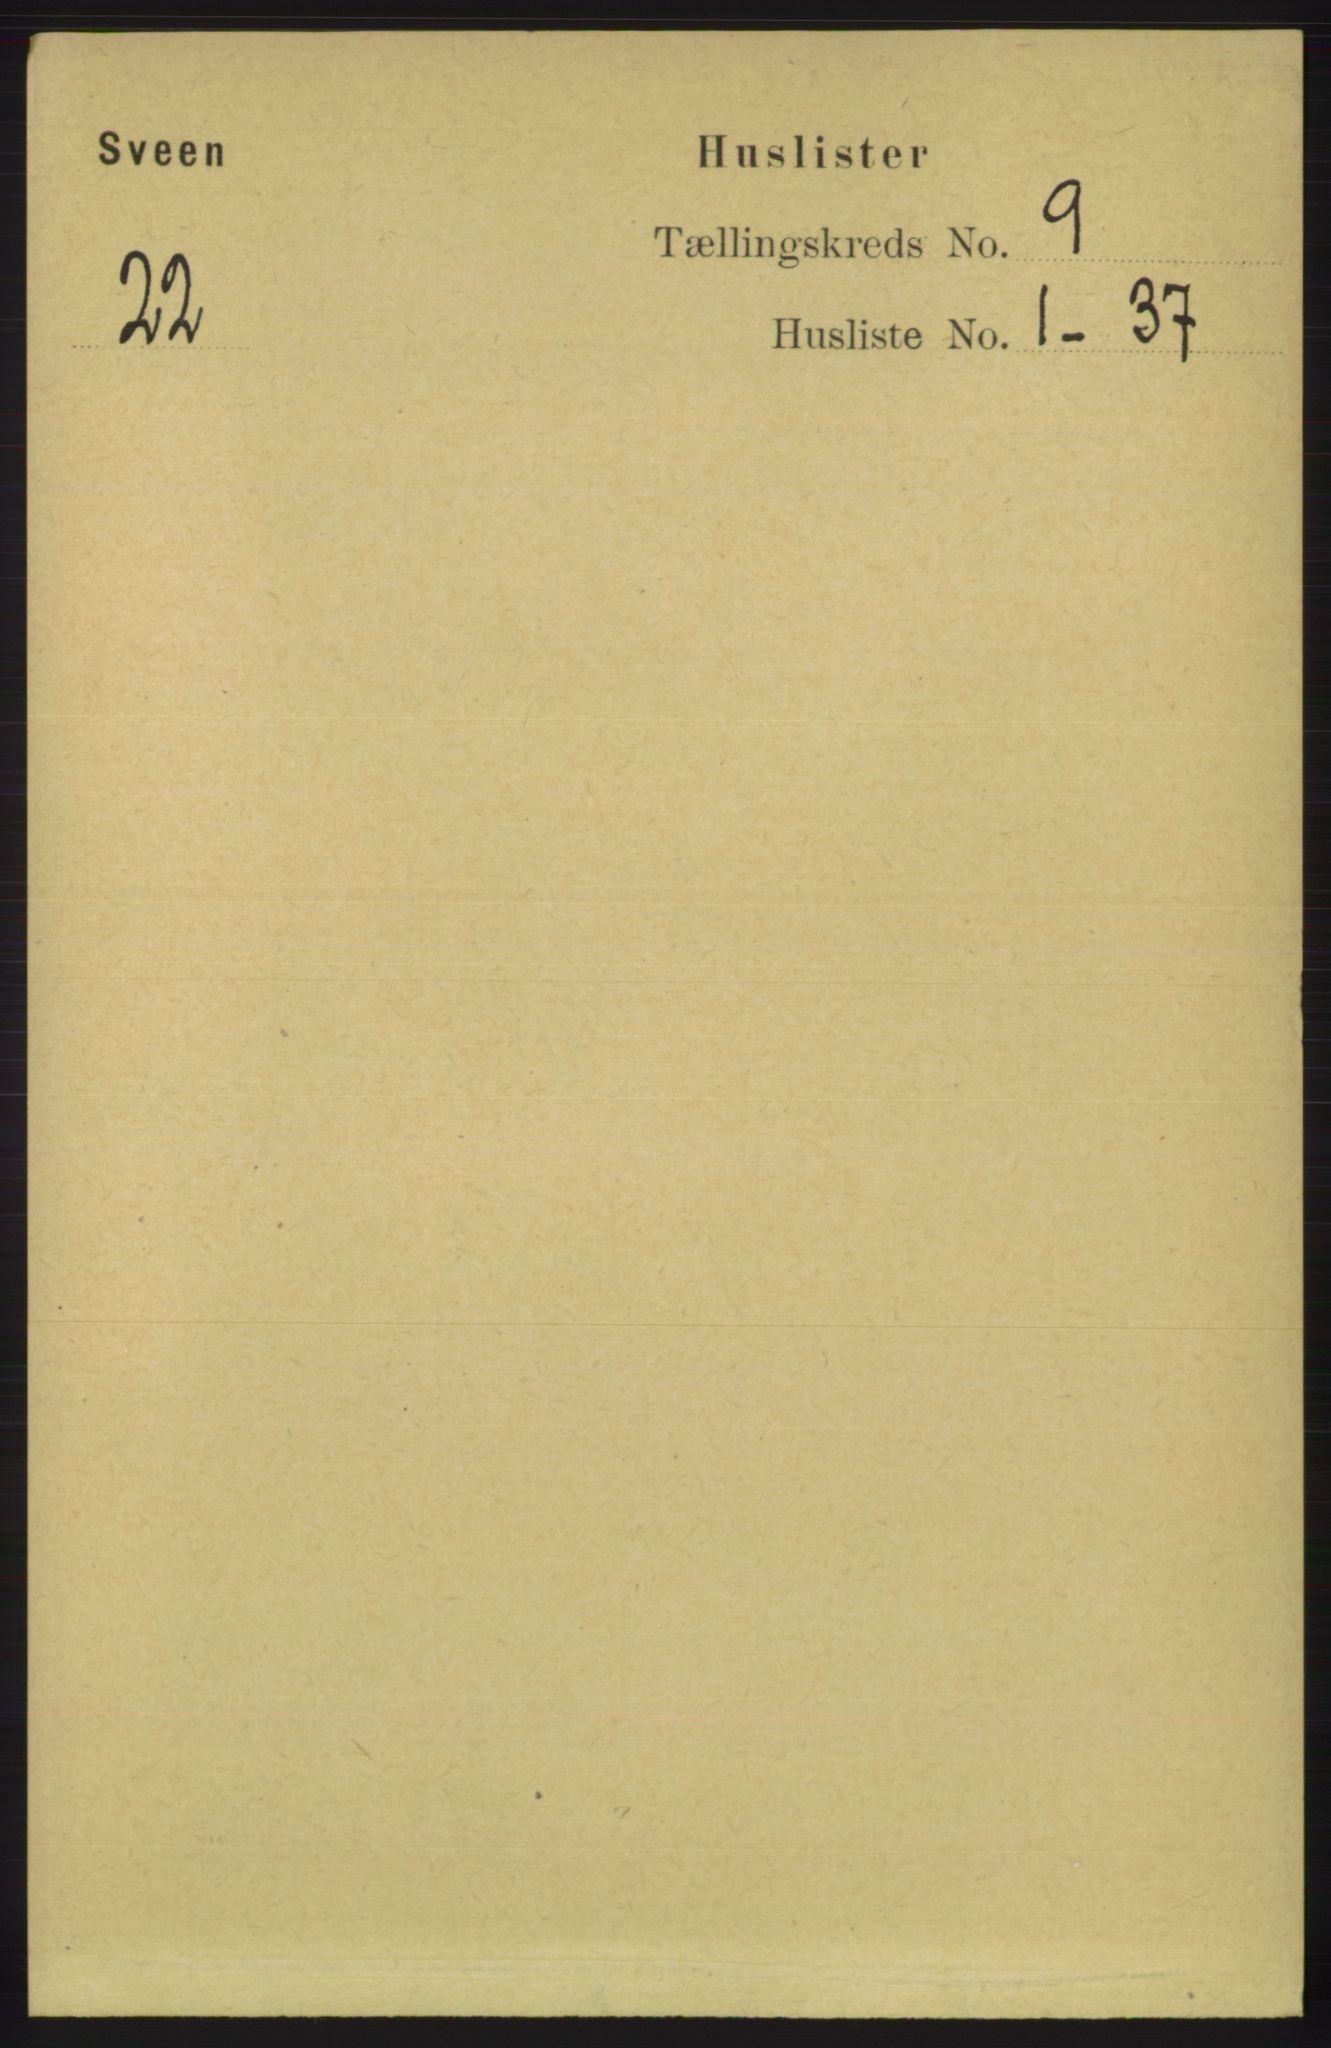 RA, Folketelling 1891 for 1216 Sveio herred, 1891, s. 2649